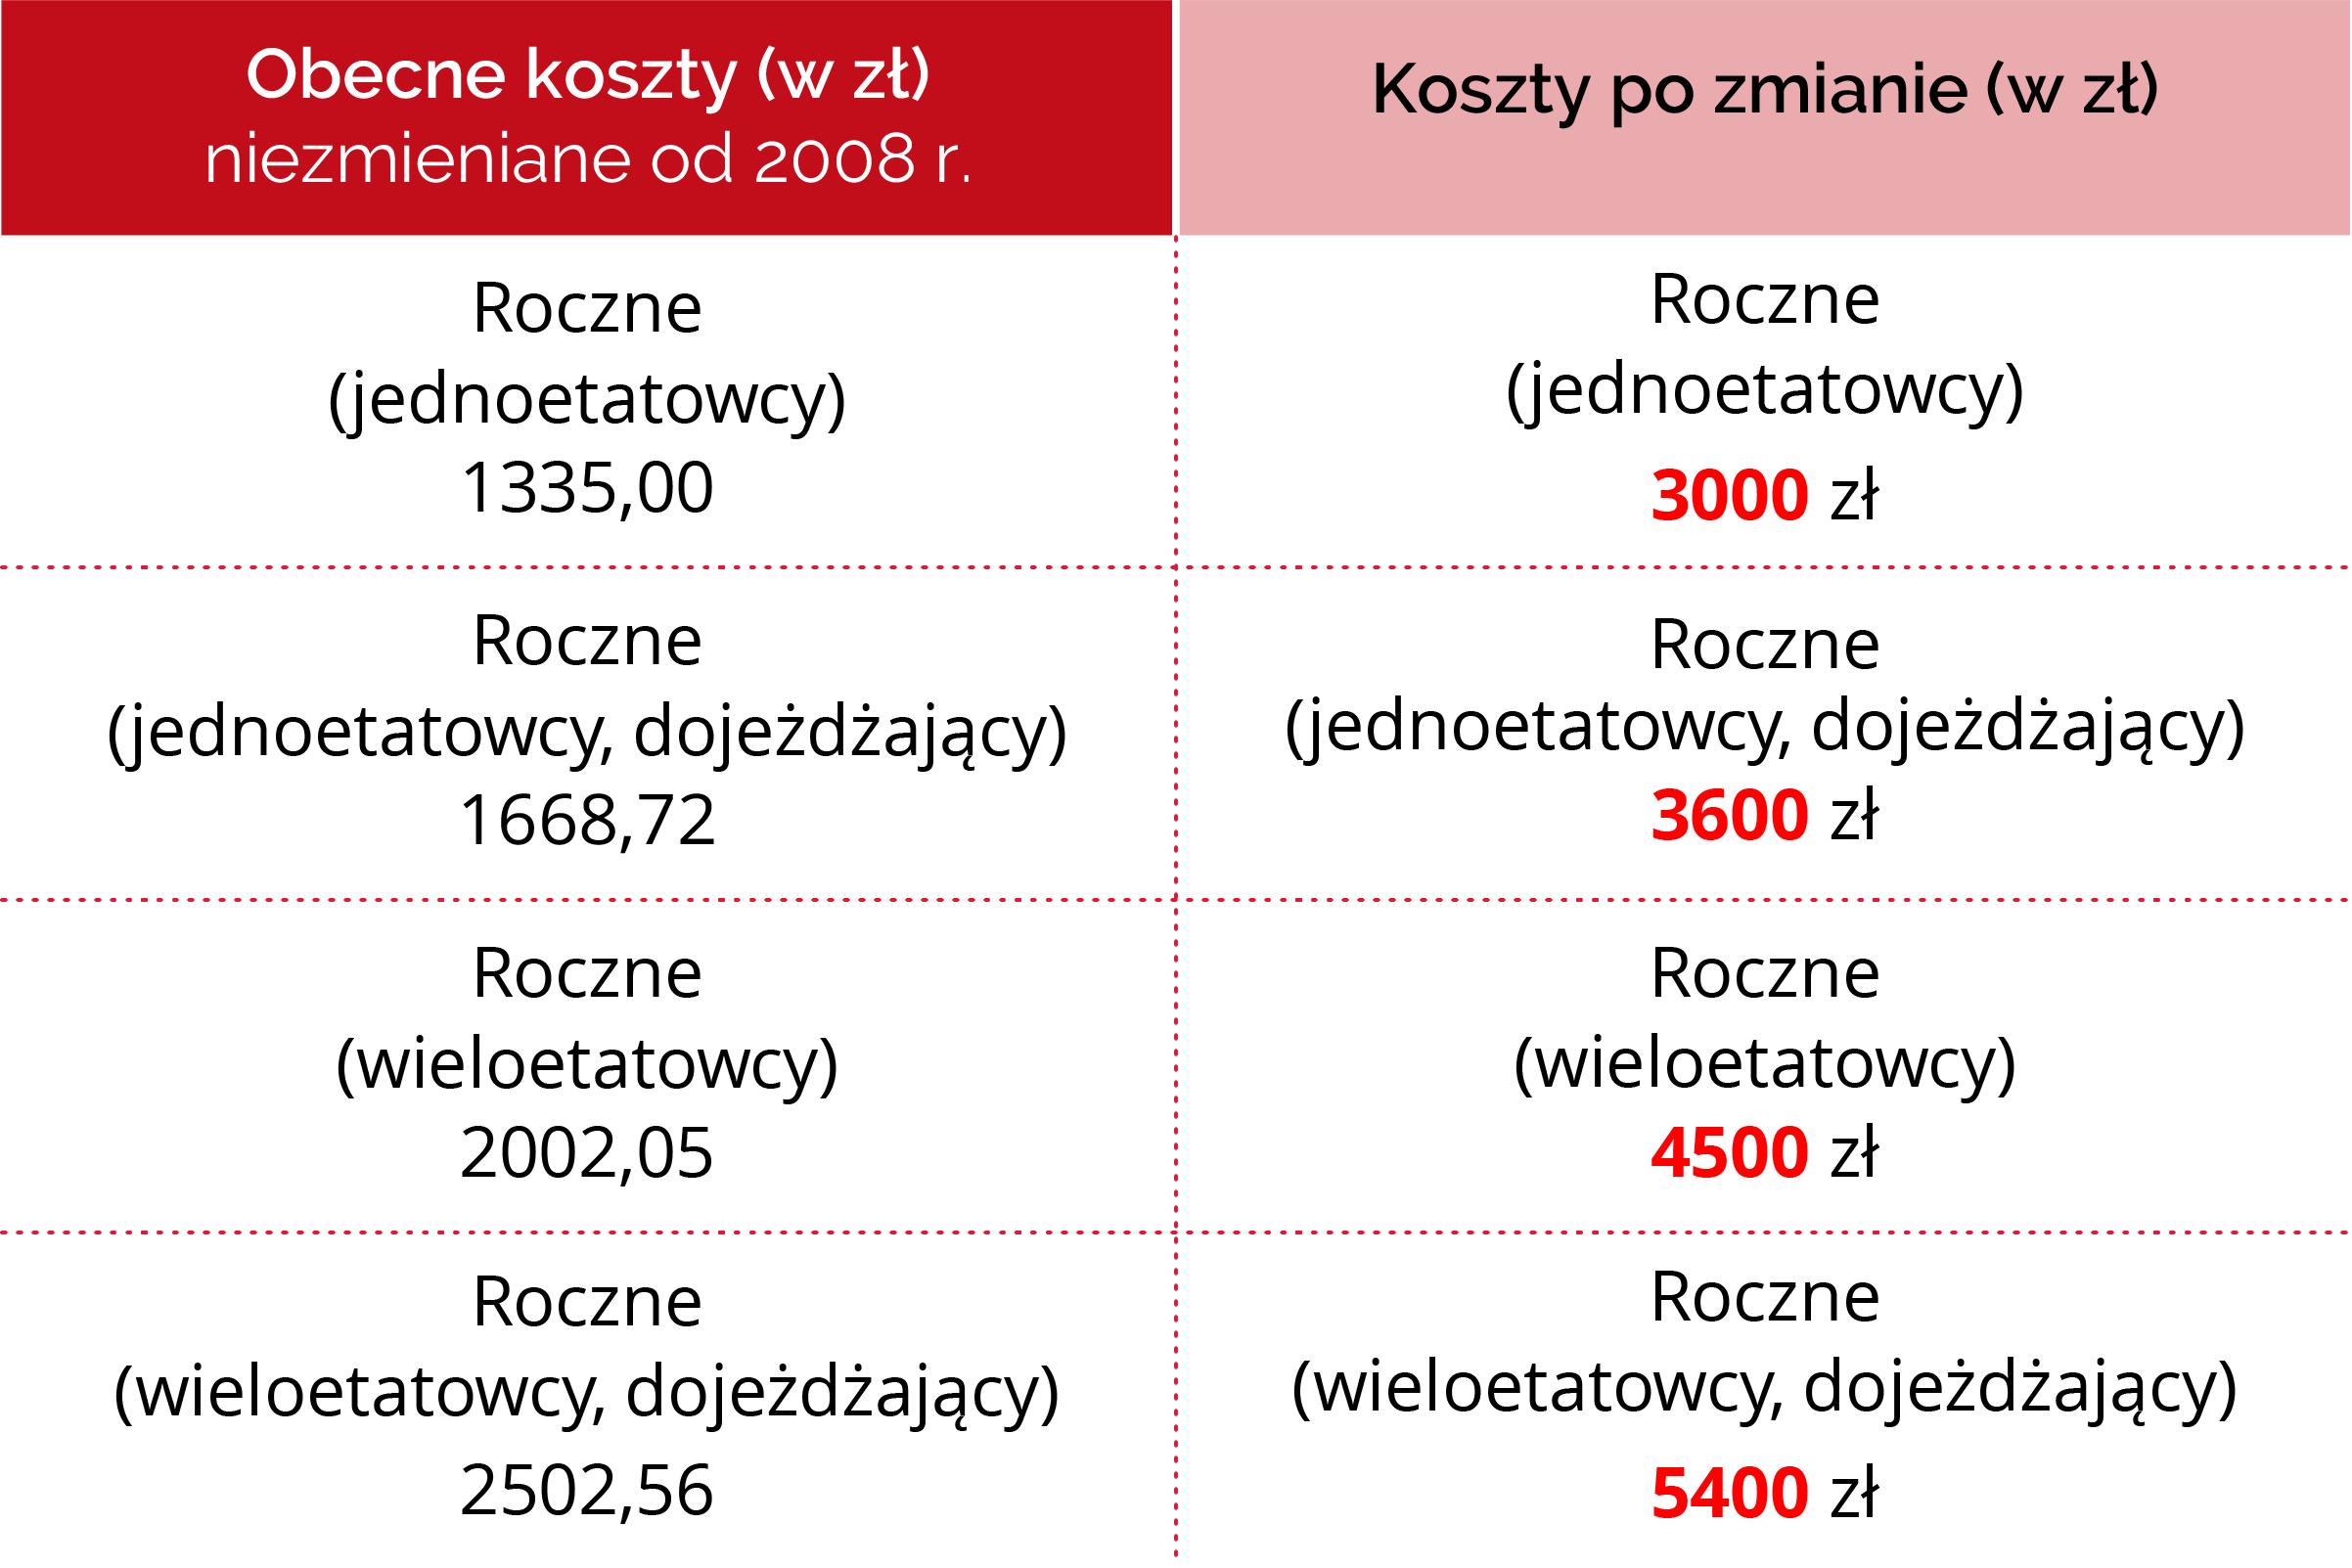 Grafika pokazuje porównanie kosztów uzyskania przychodów obecnych i po zmianie